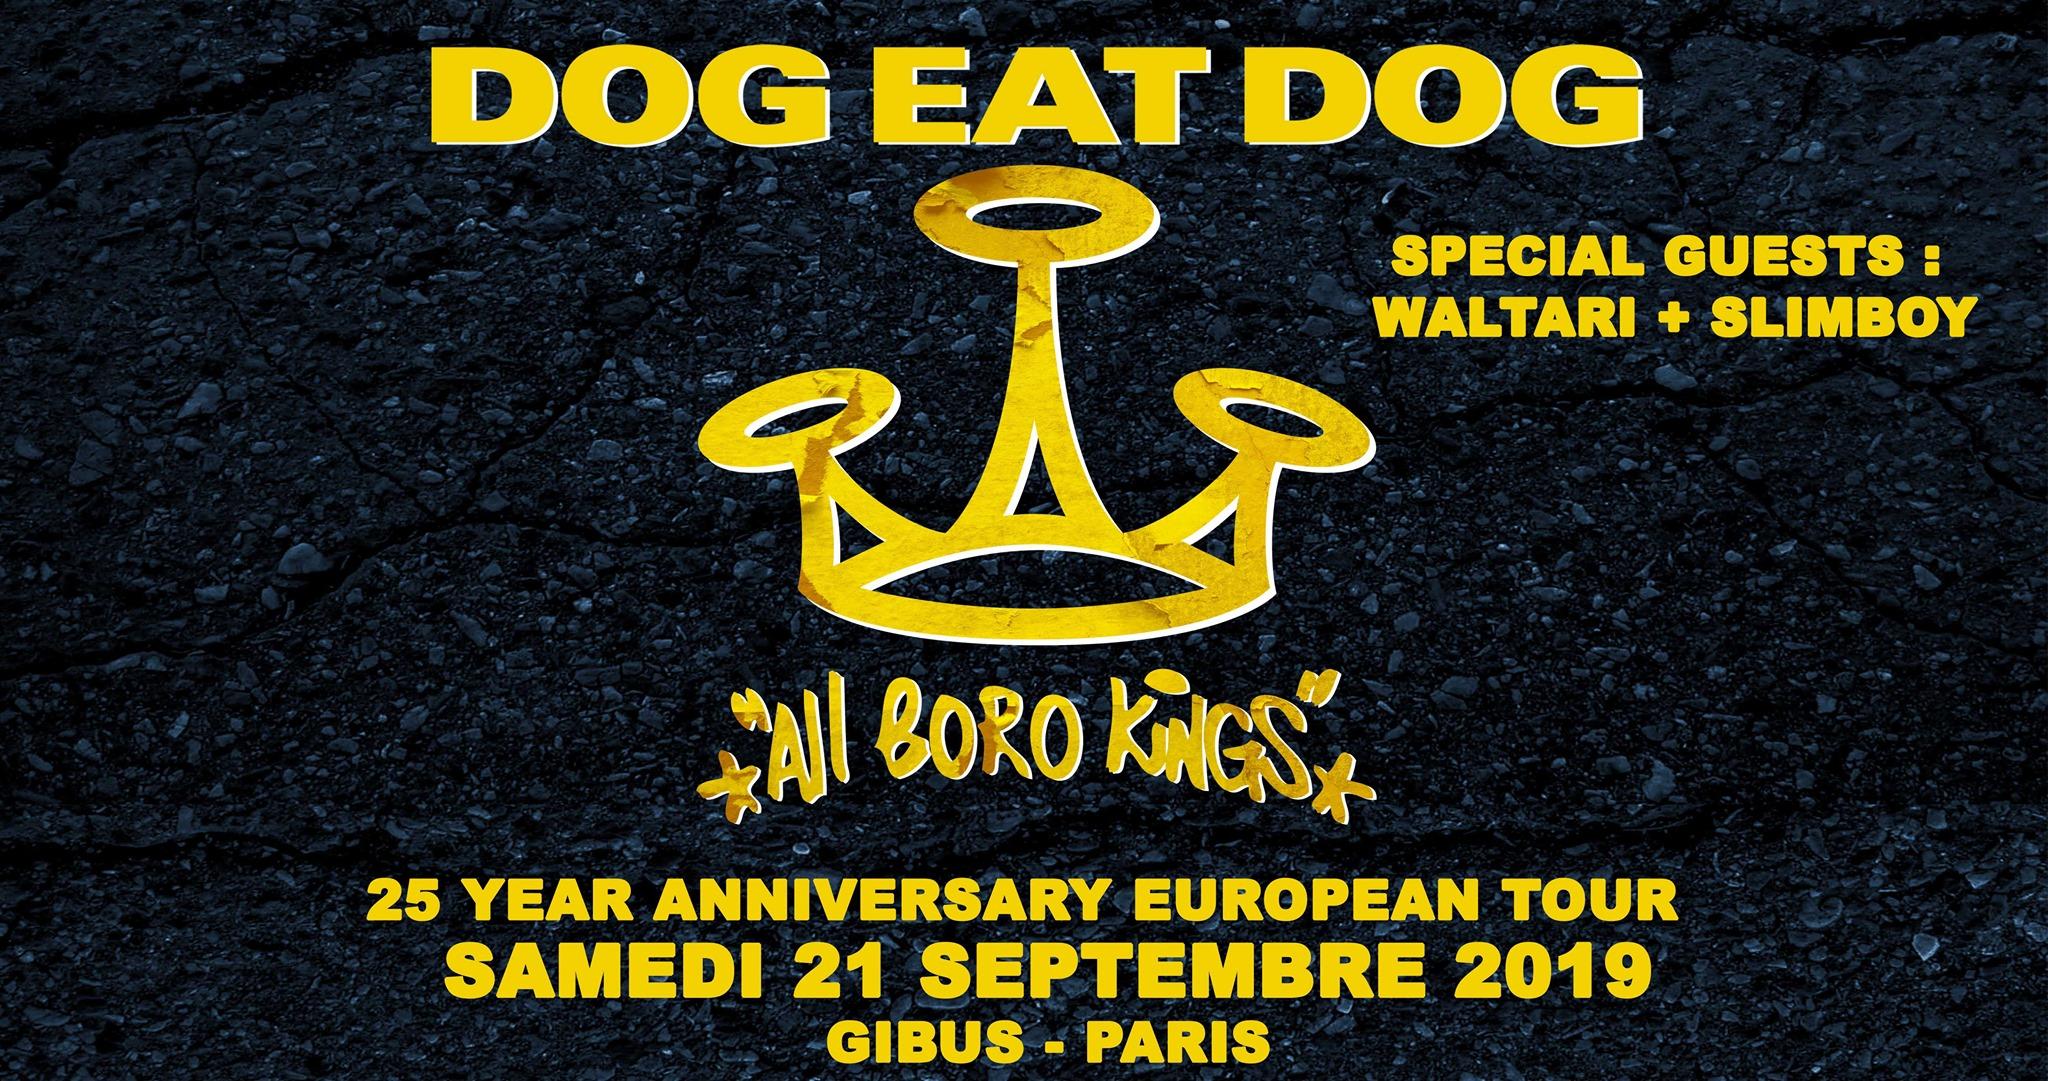 21.09.2019 –  DOG EAT DOG + Waltari + Slimboy